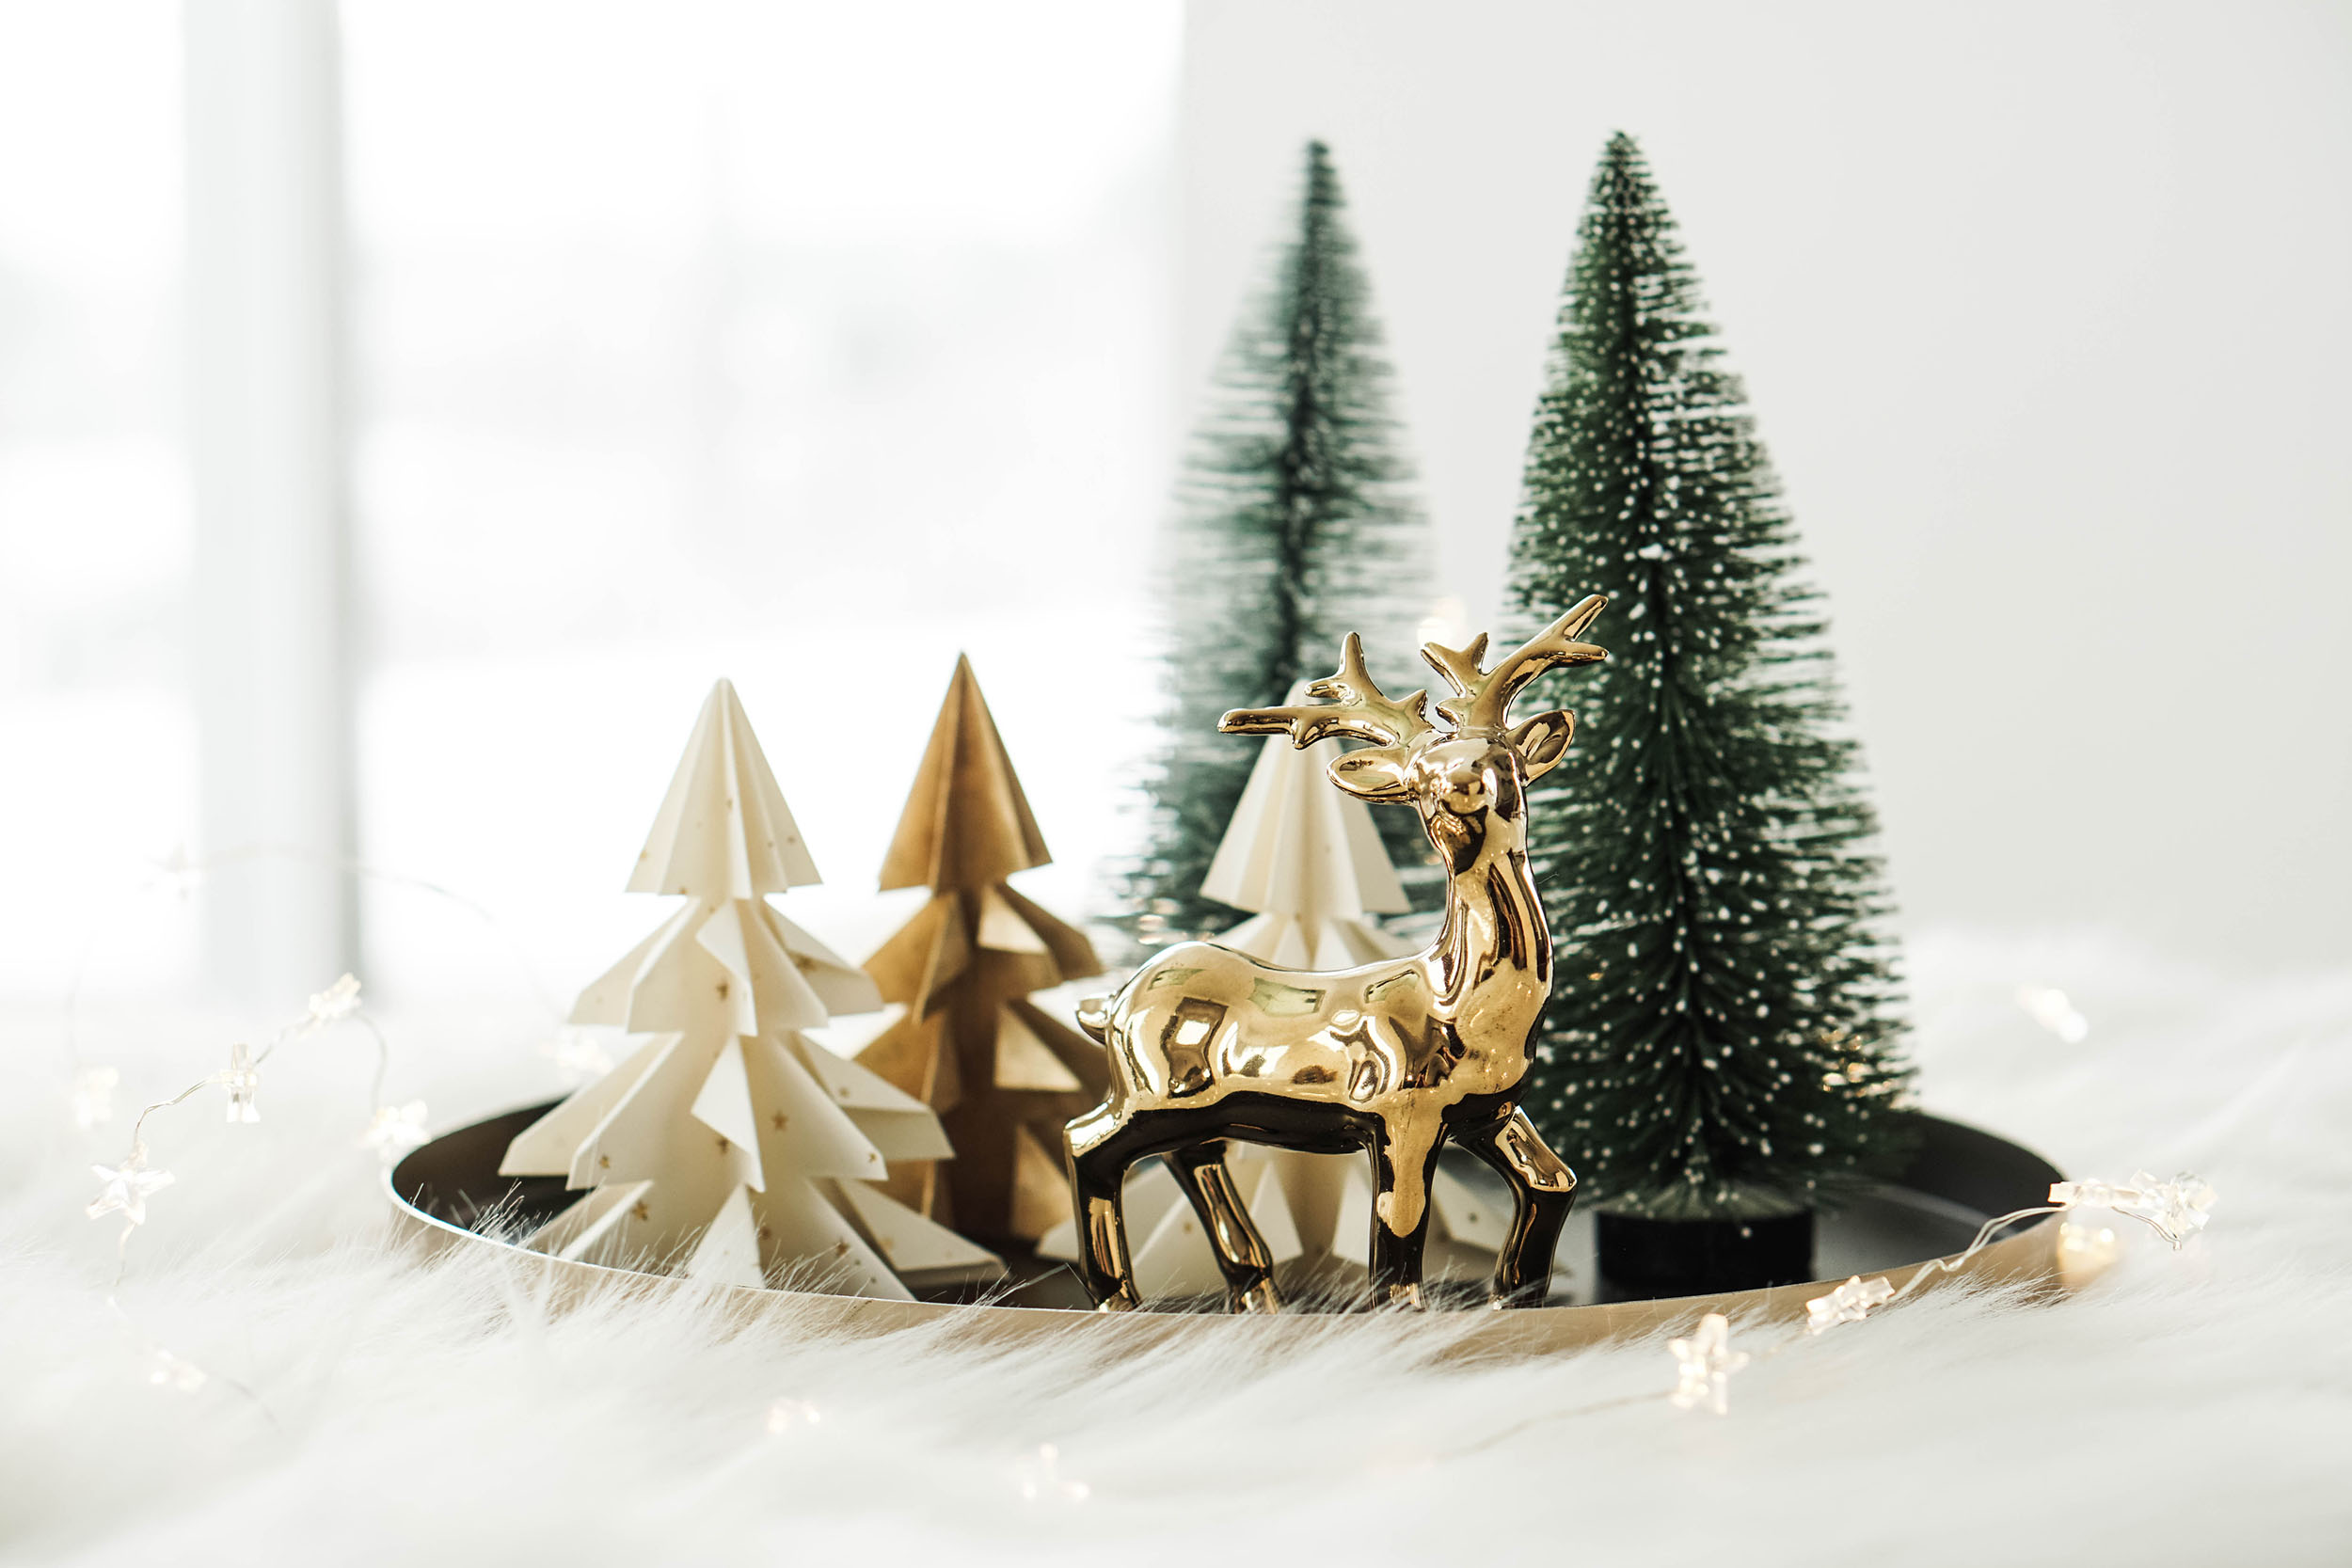 Diy Weihnachtsdeko.Diy Weihnachtsdeko Origami Christbäume Falten My Mirror World